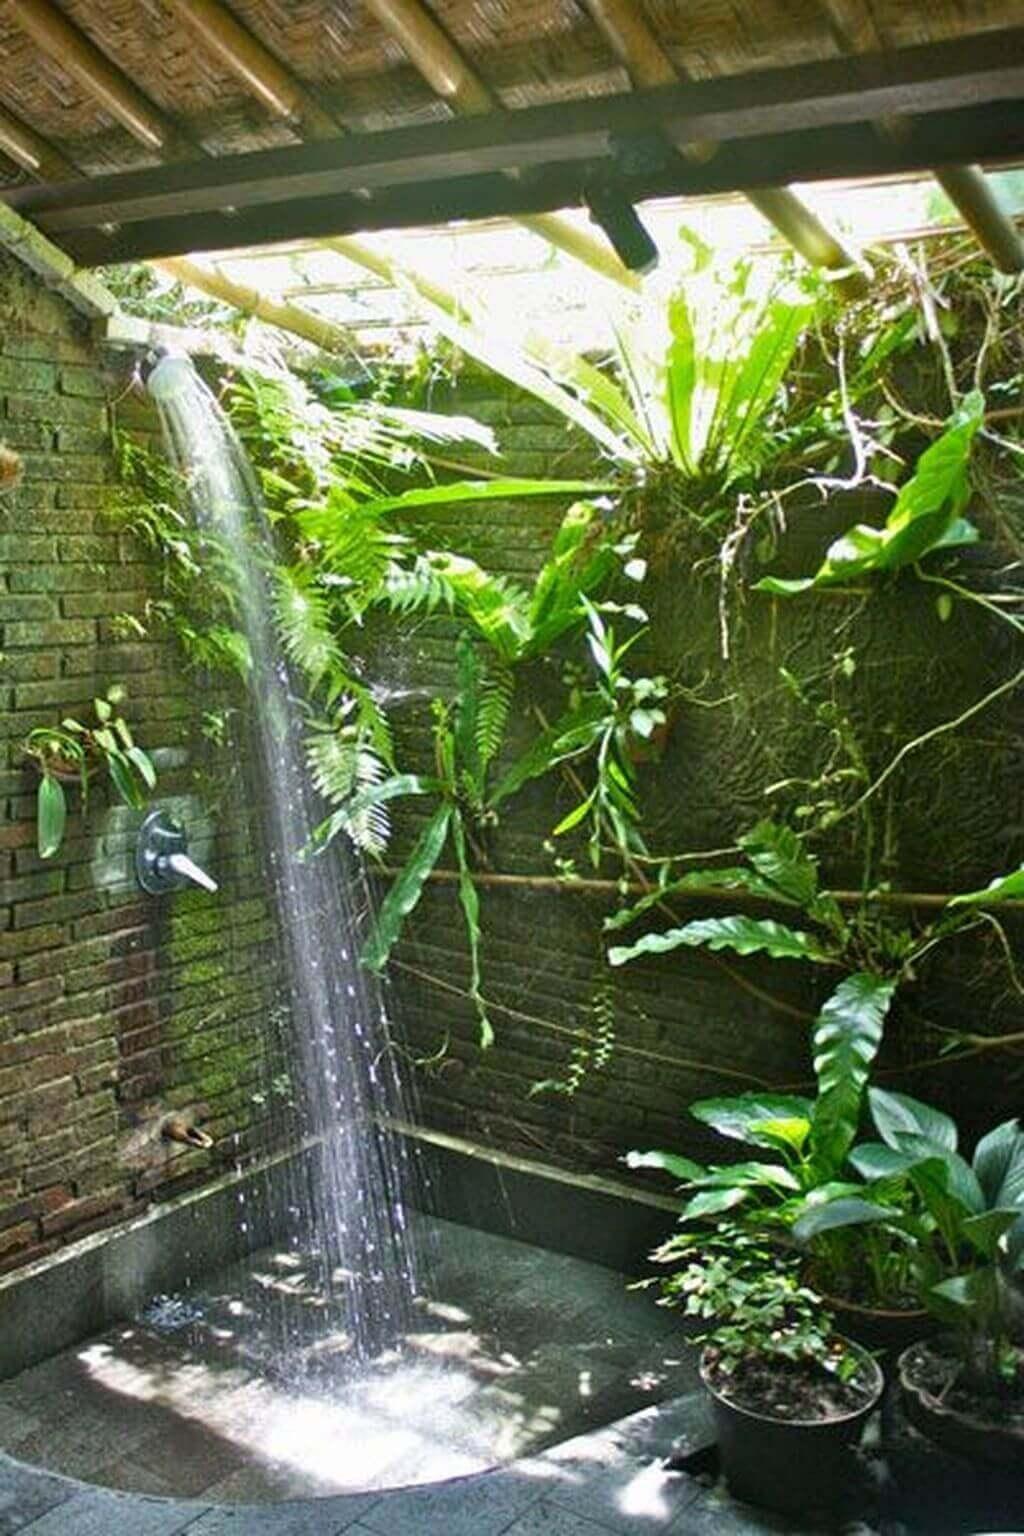 Outdoor Shower Ideas Eco Lodge Shower Design Ideas - Harptimes.com